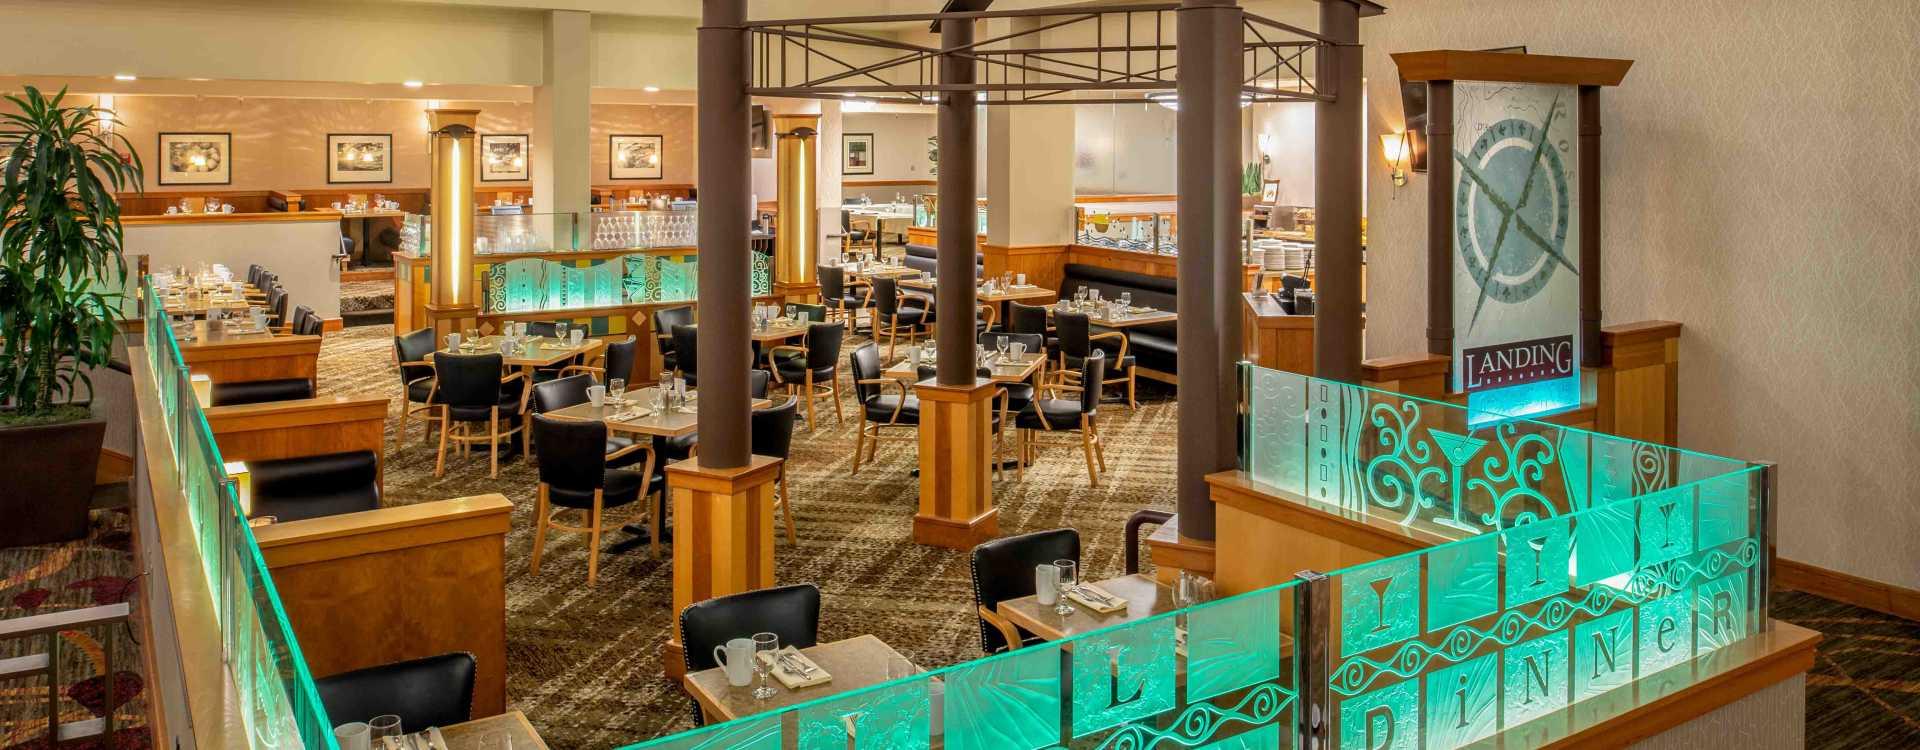 NW Landing Restaurant